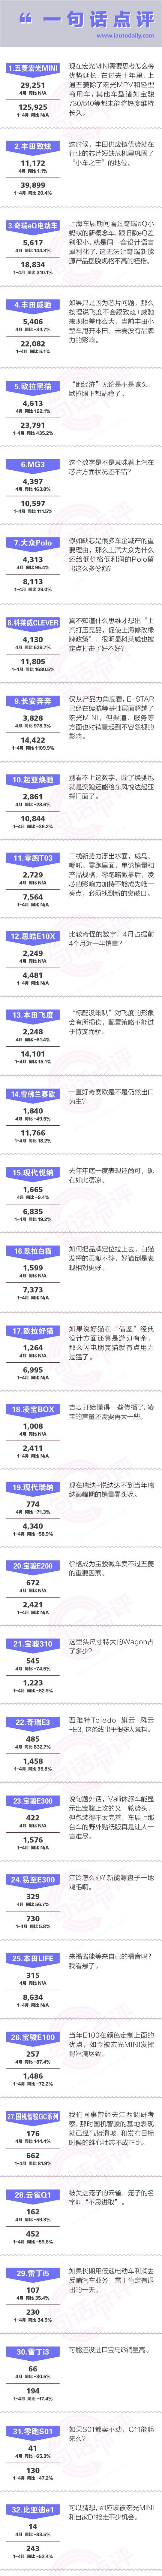 一句话点评4月小型车:能打败五菱宏光MINI的,不是上海绿牌政策